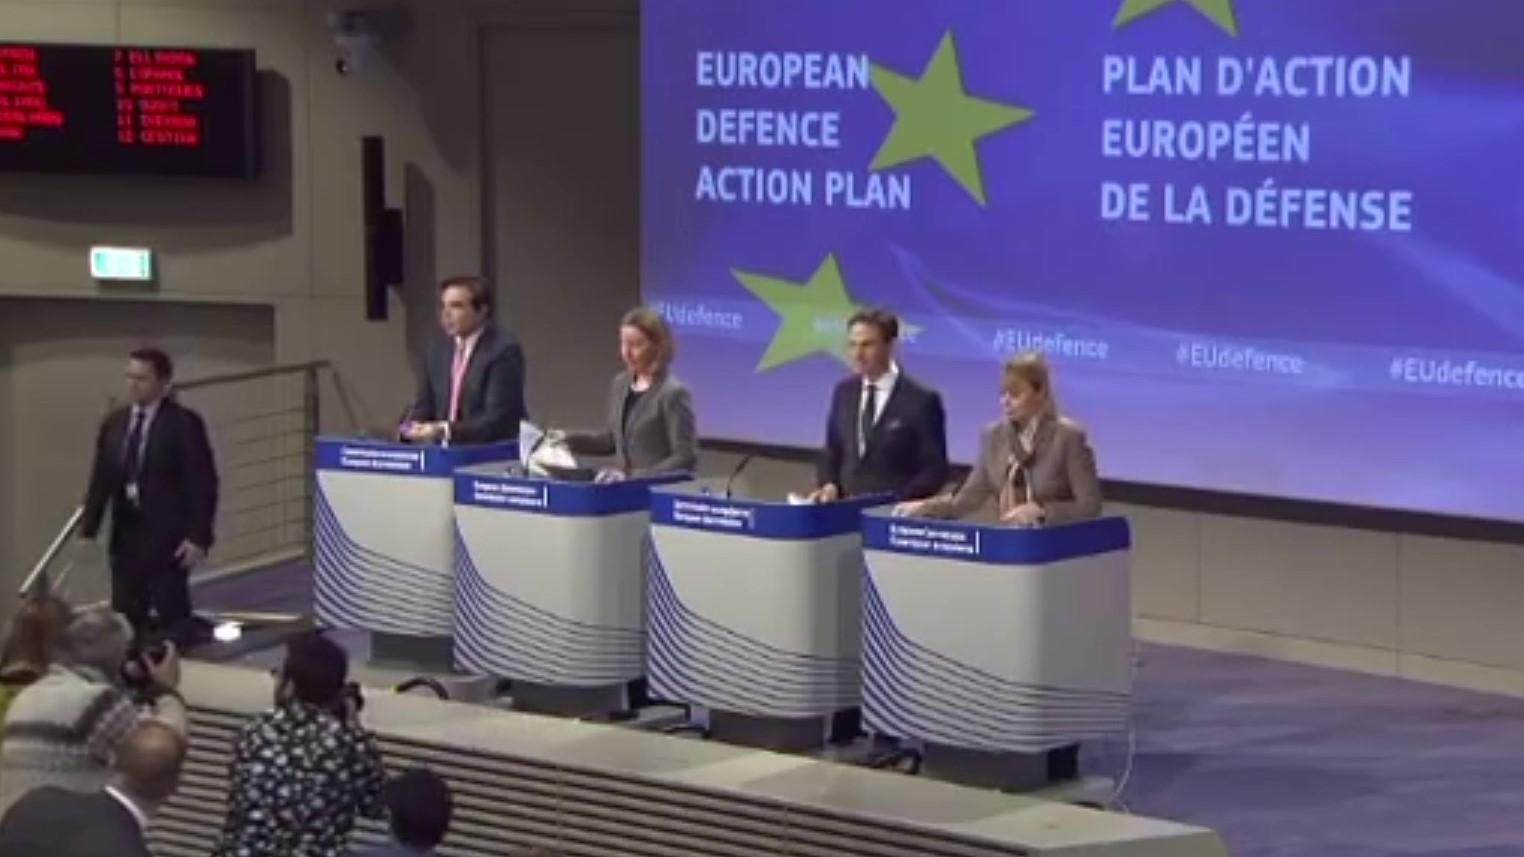 BE, 23 shtete firmosin për mbrojtjen e përbashkët